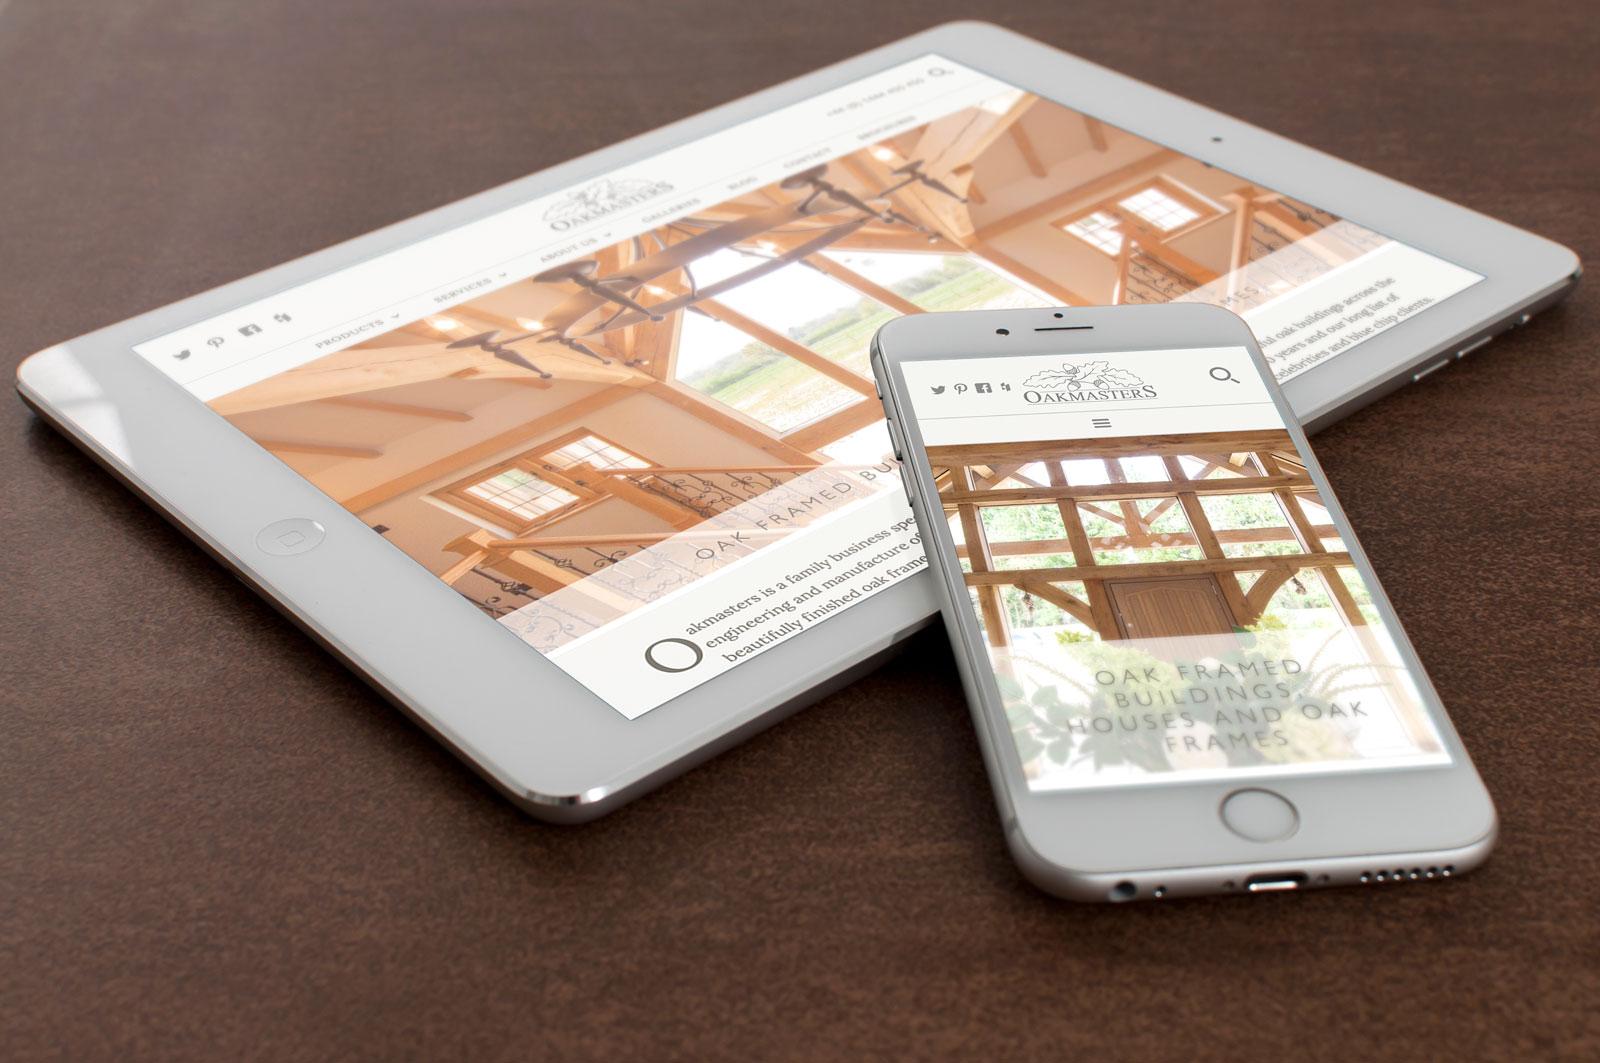 Redesigned website for oak frame specialists